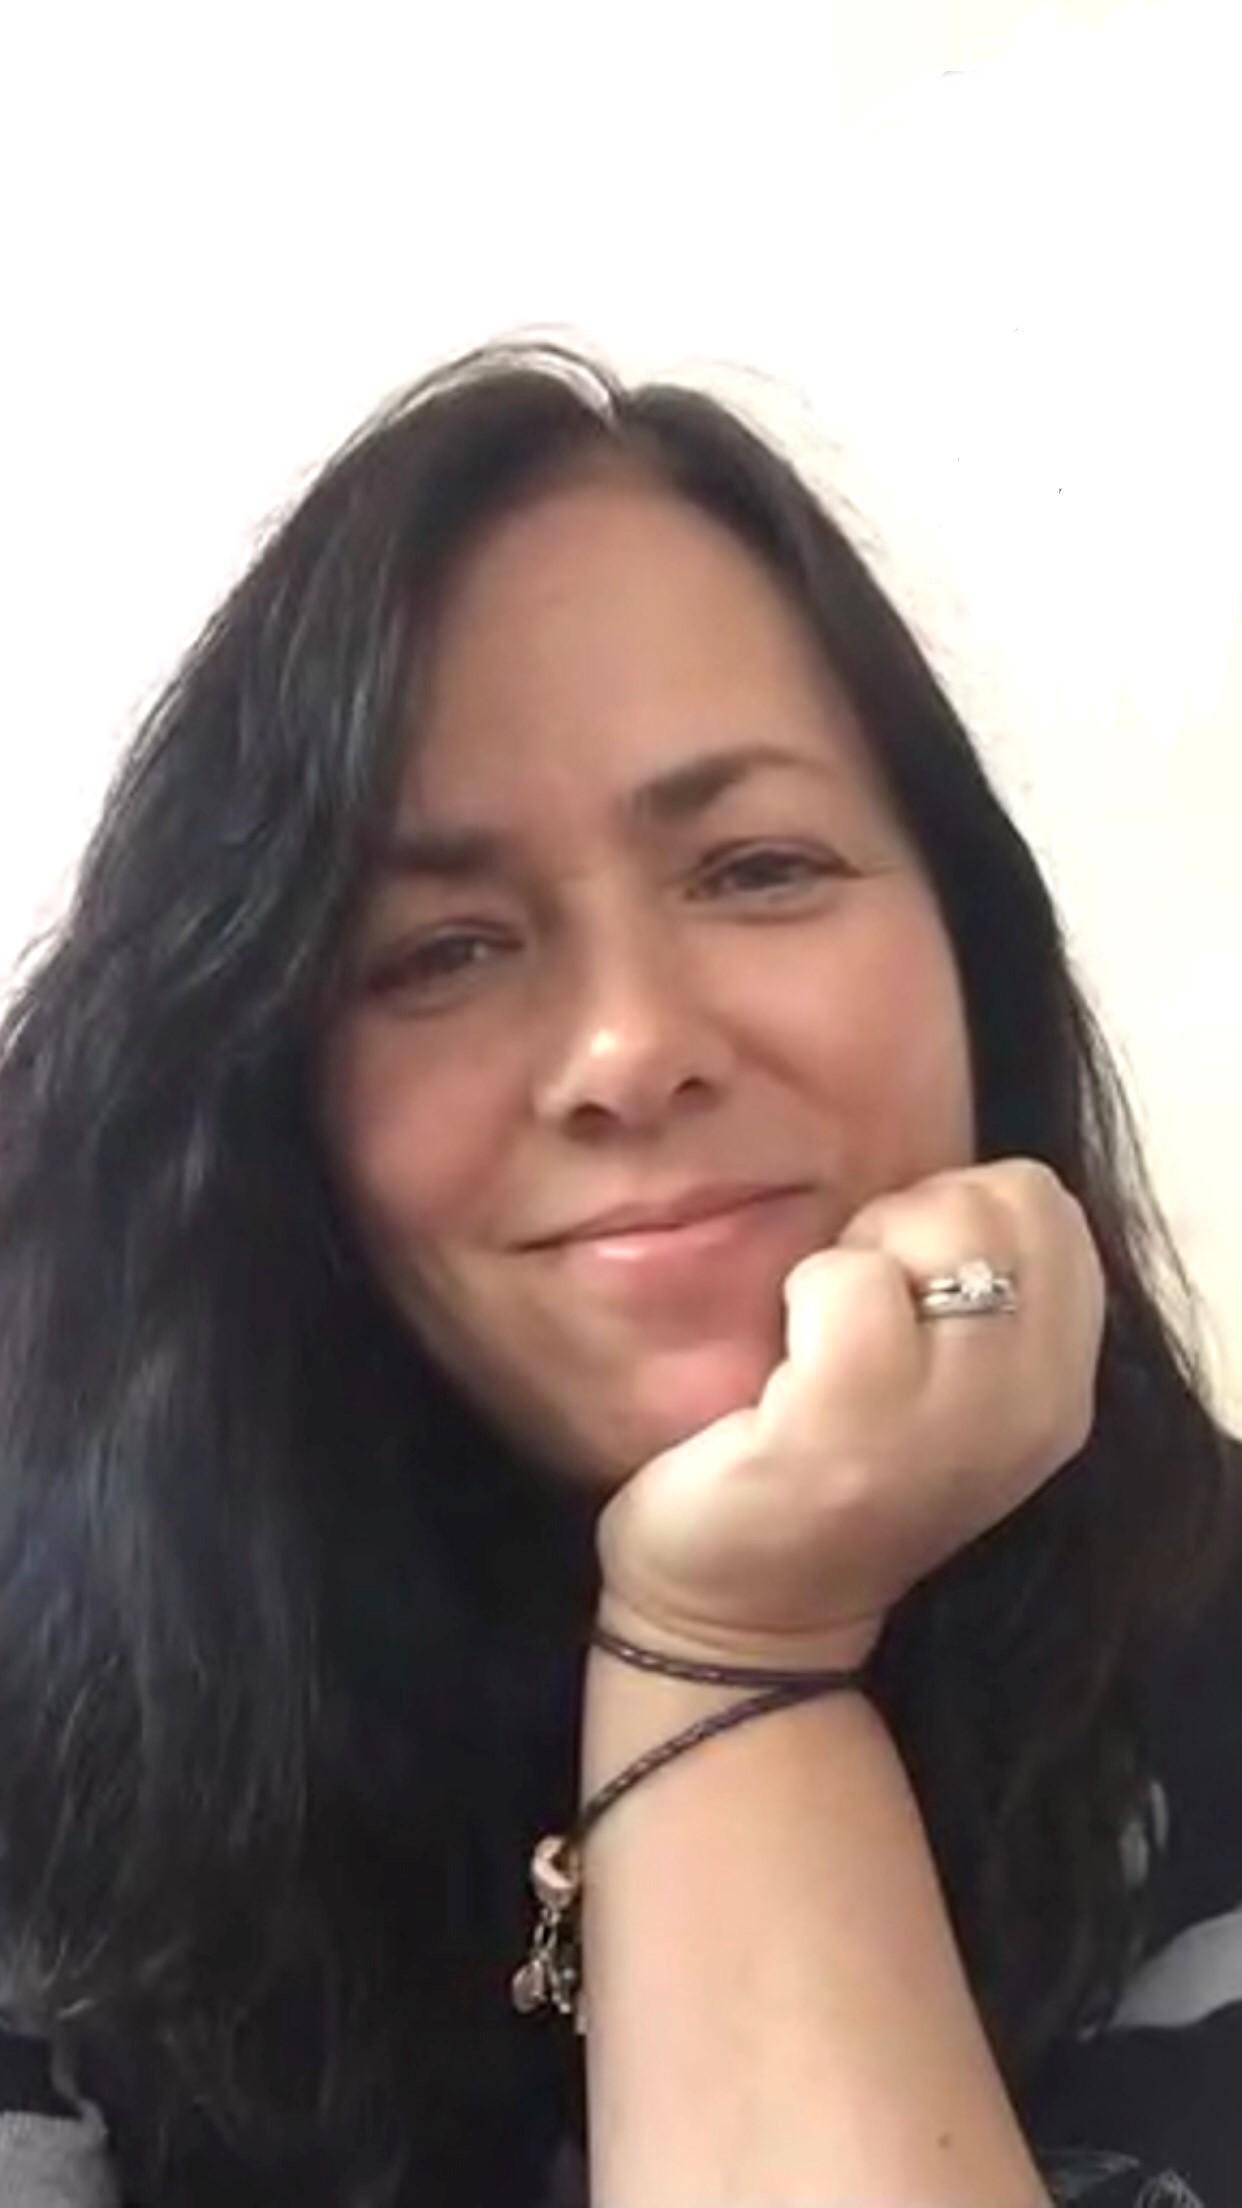 Angela Boden